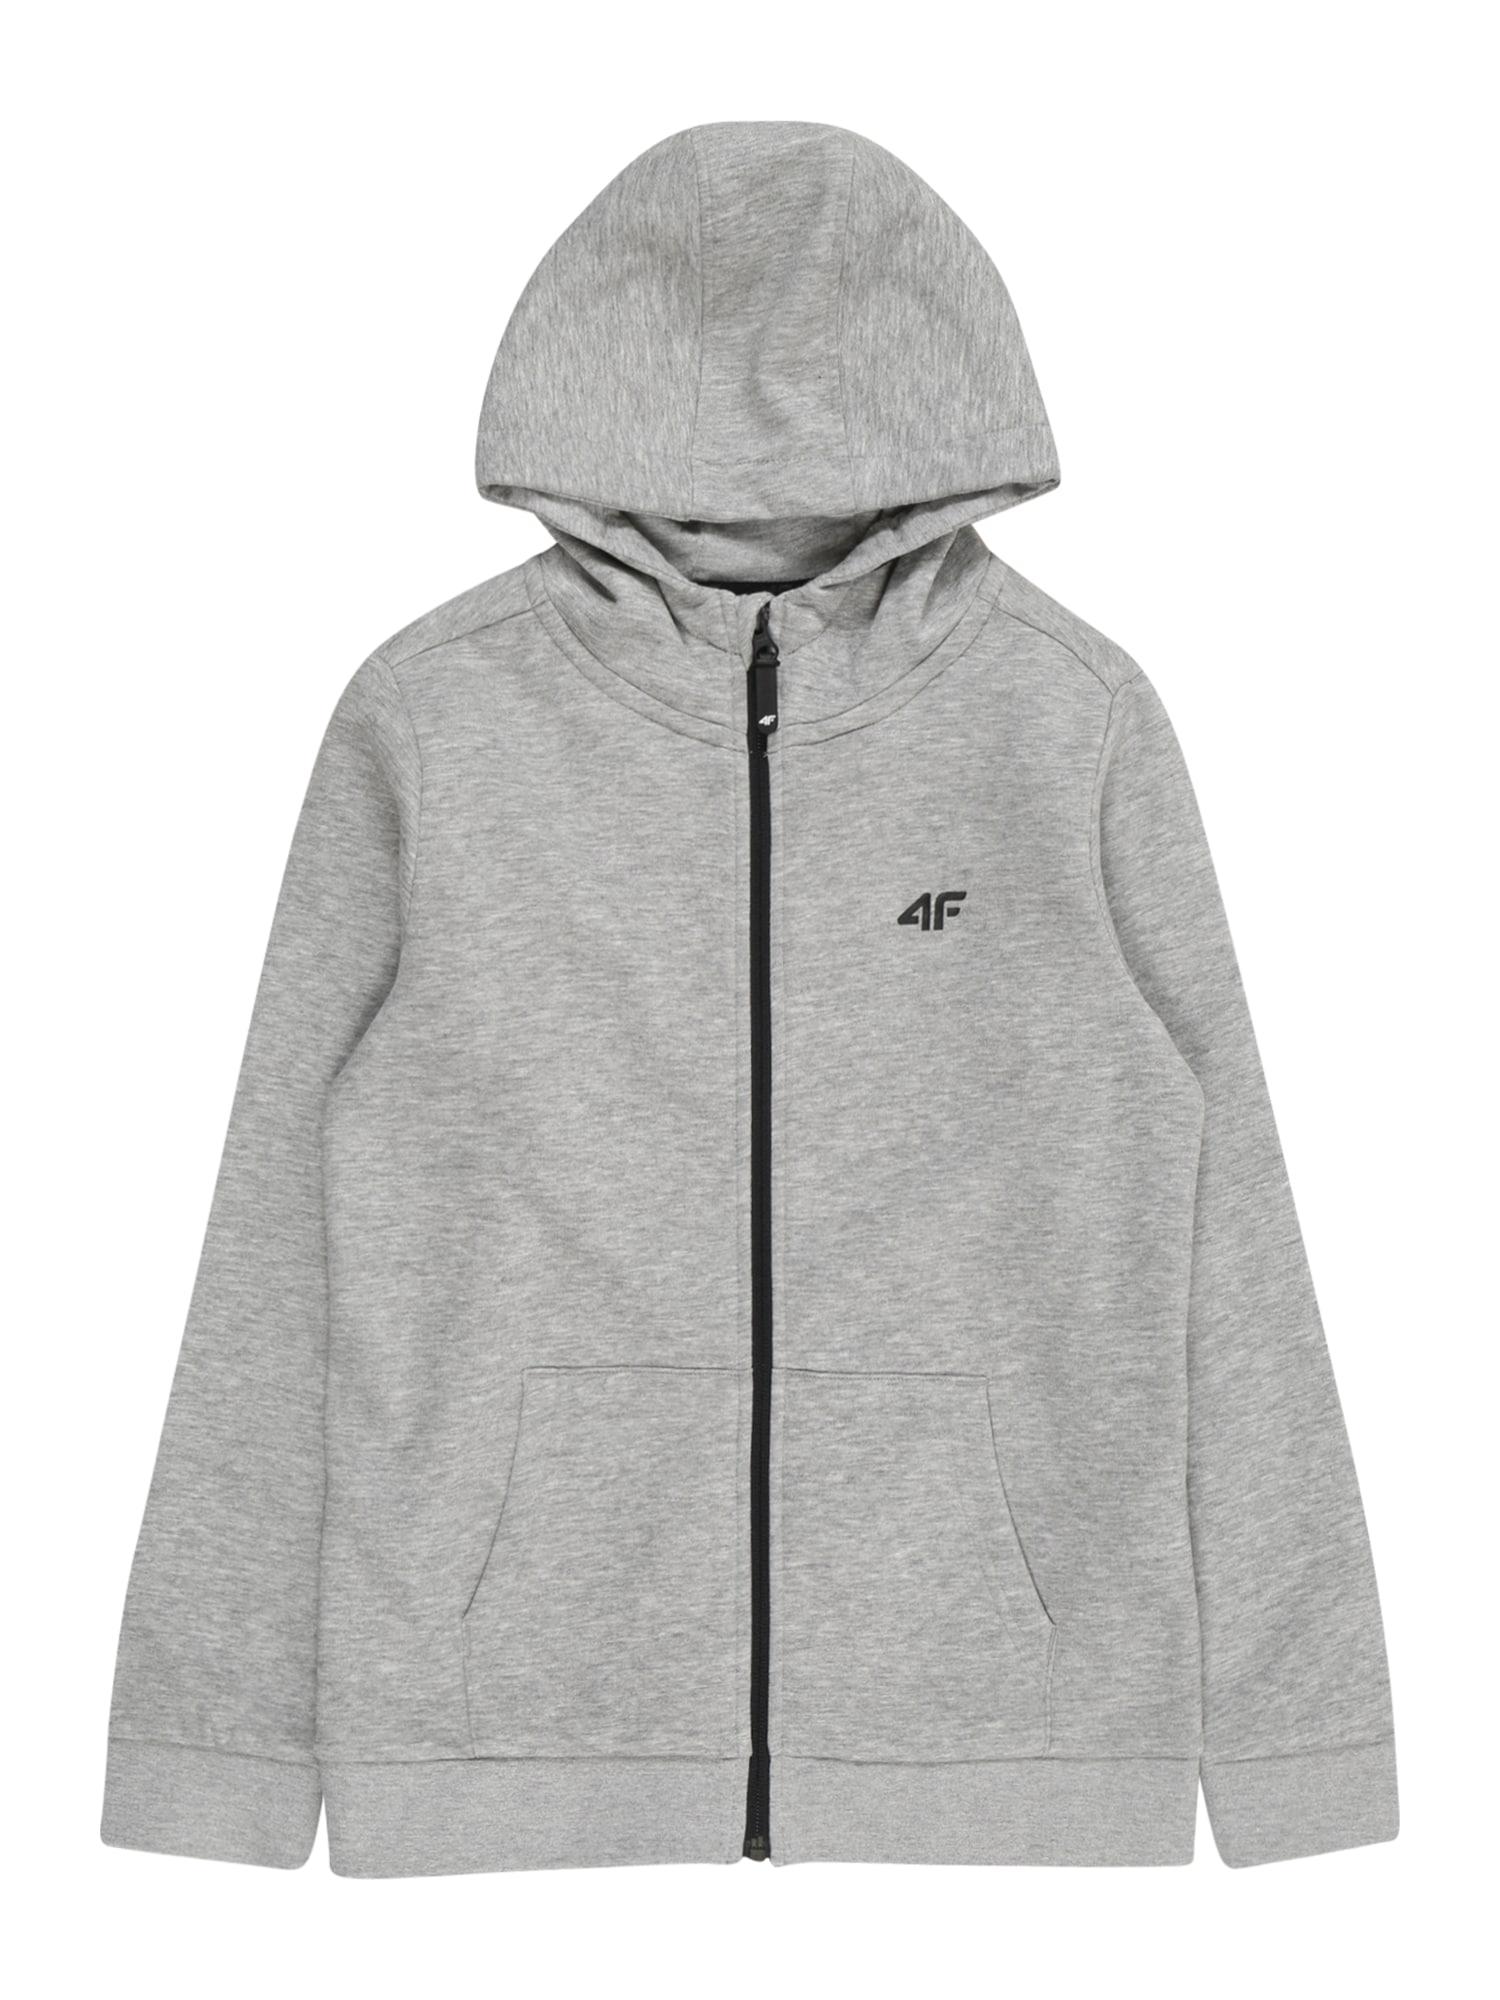 4F Sportinis džemperis pilka